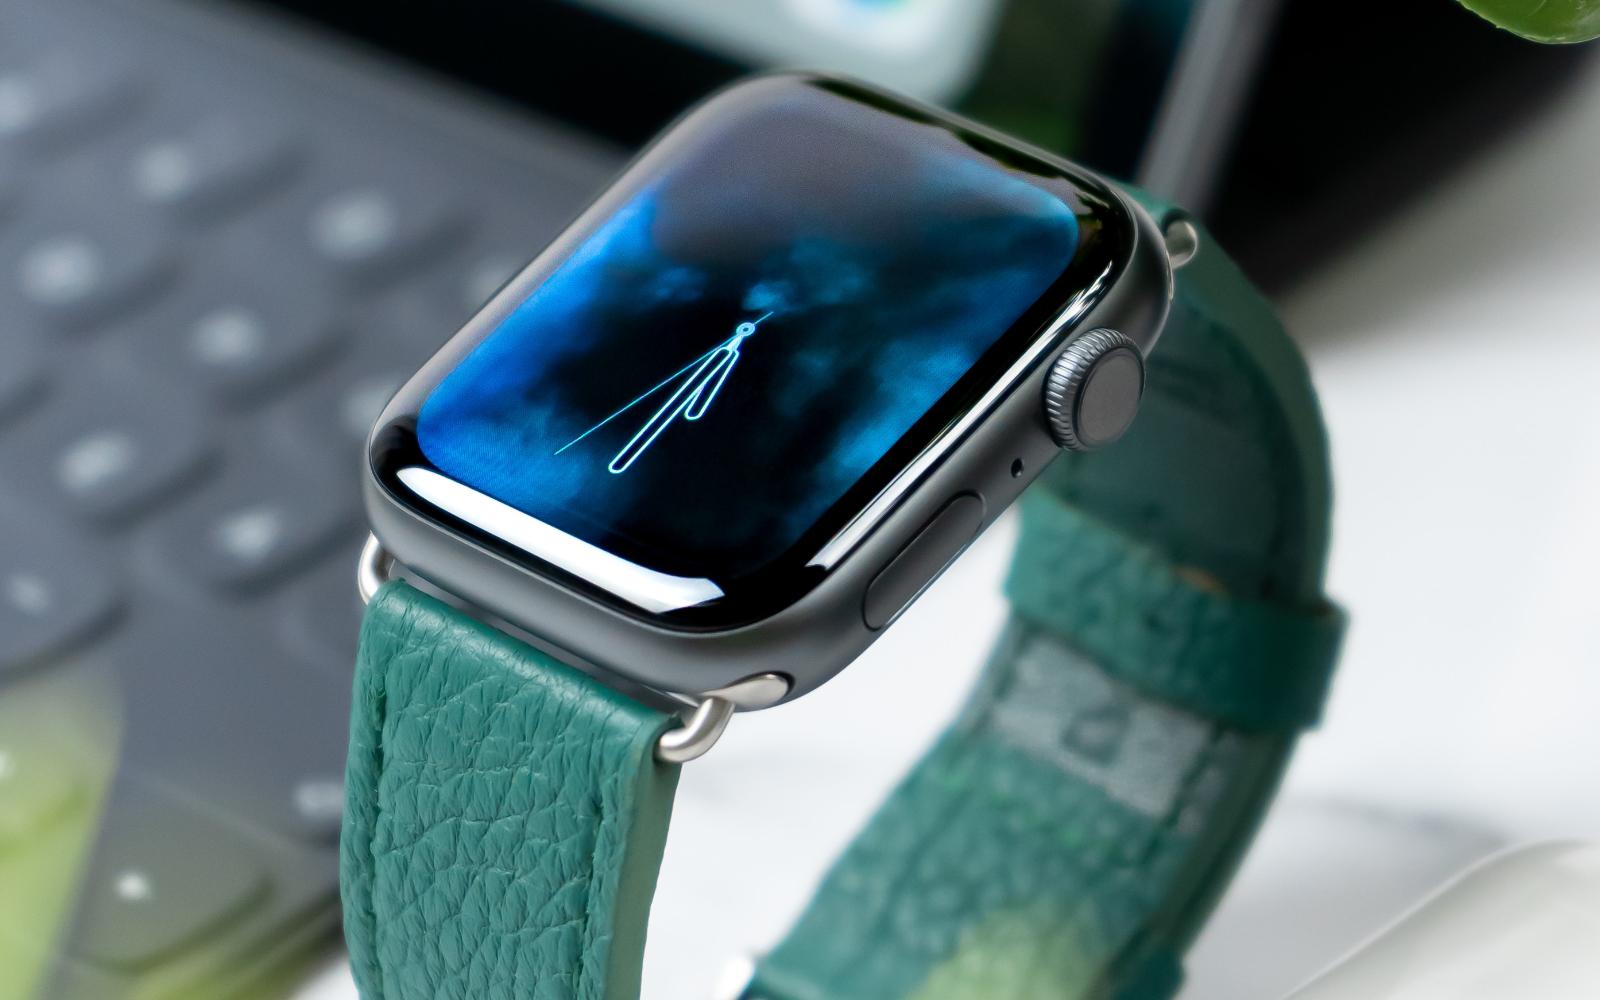 Daniel korpai oOlPR Fwd7A unsplash airpods ipad applewatch